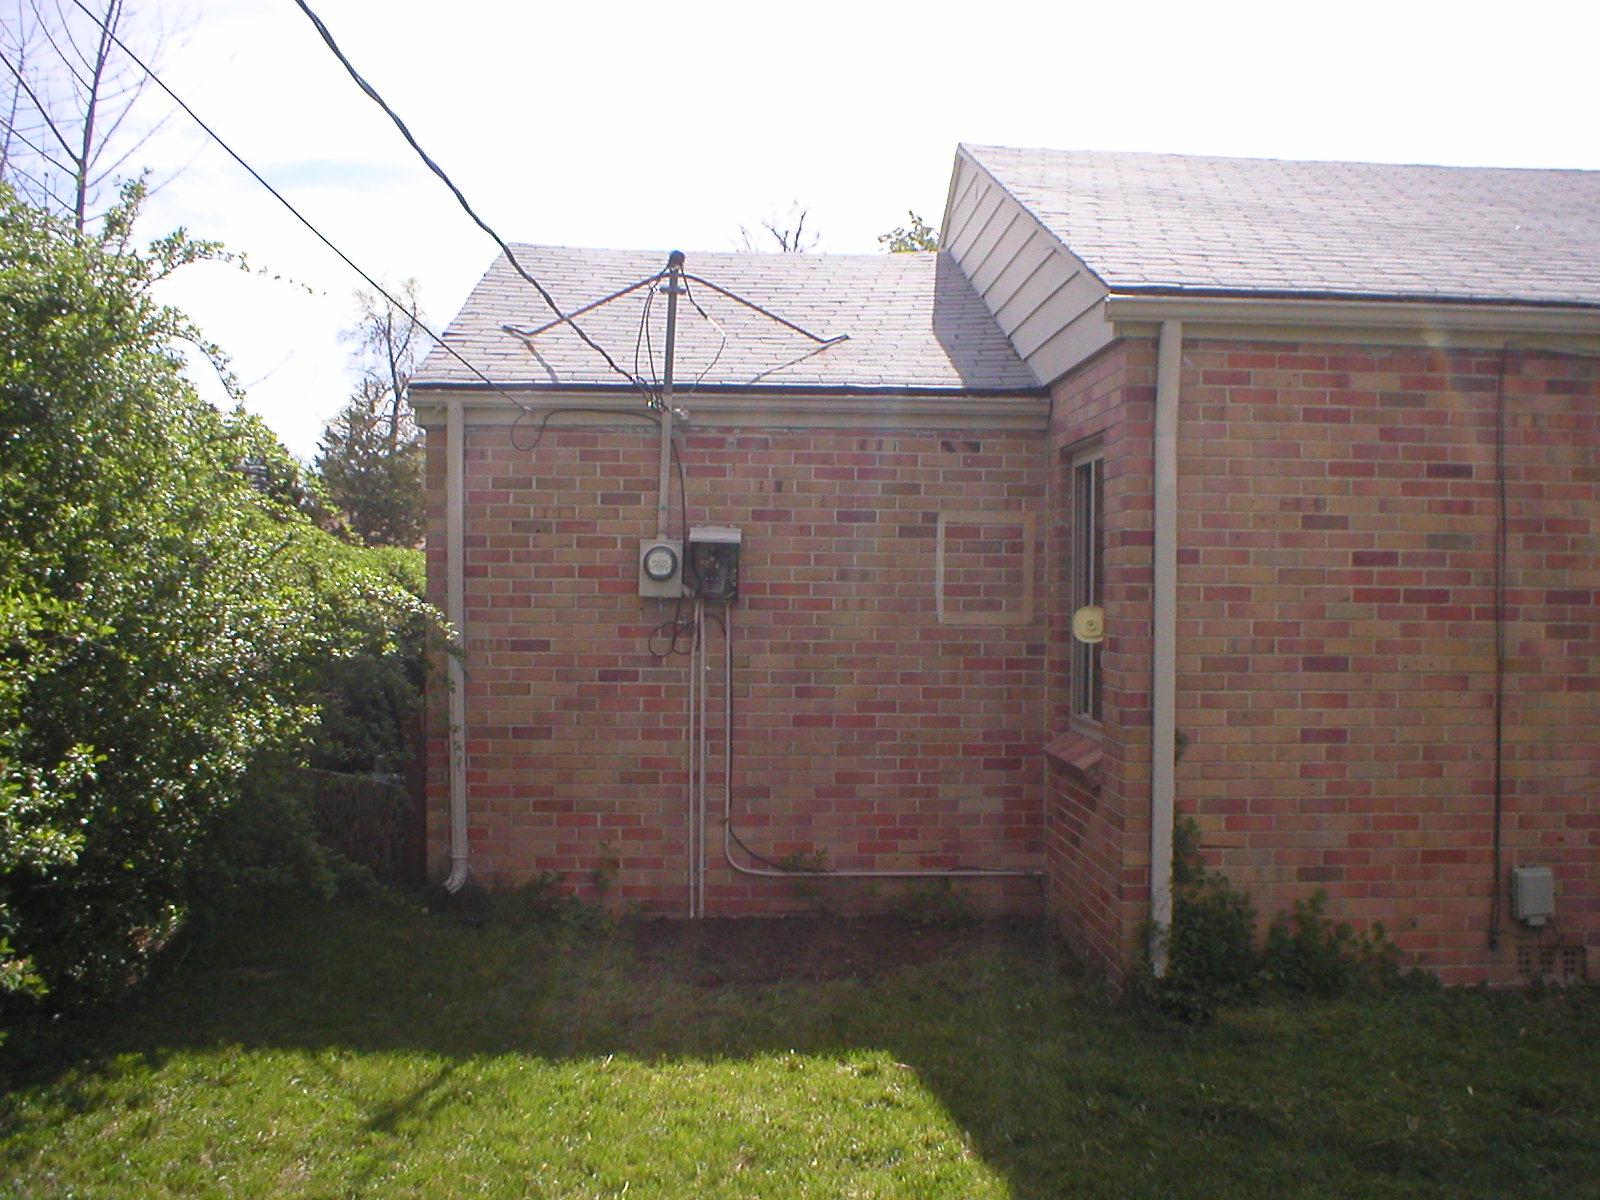 Original Exterior Electrical Service